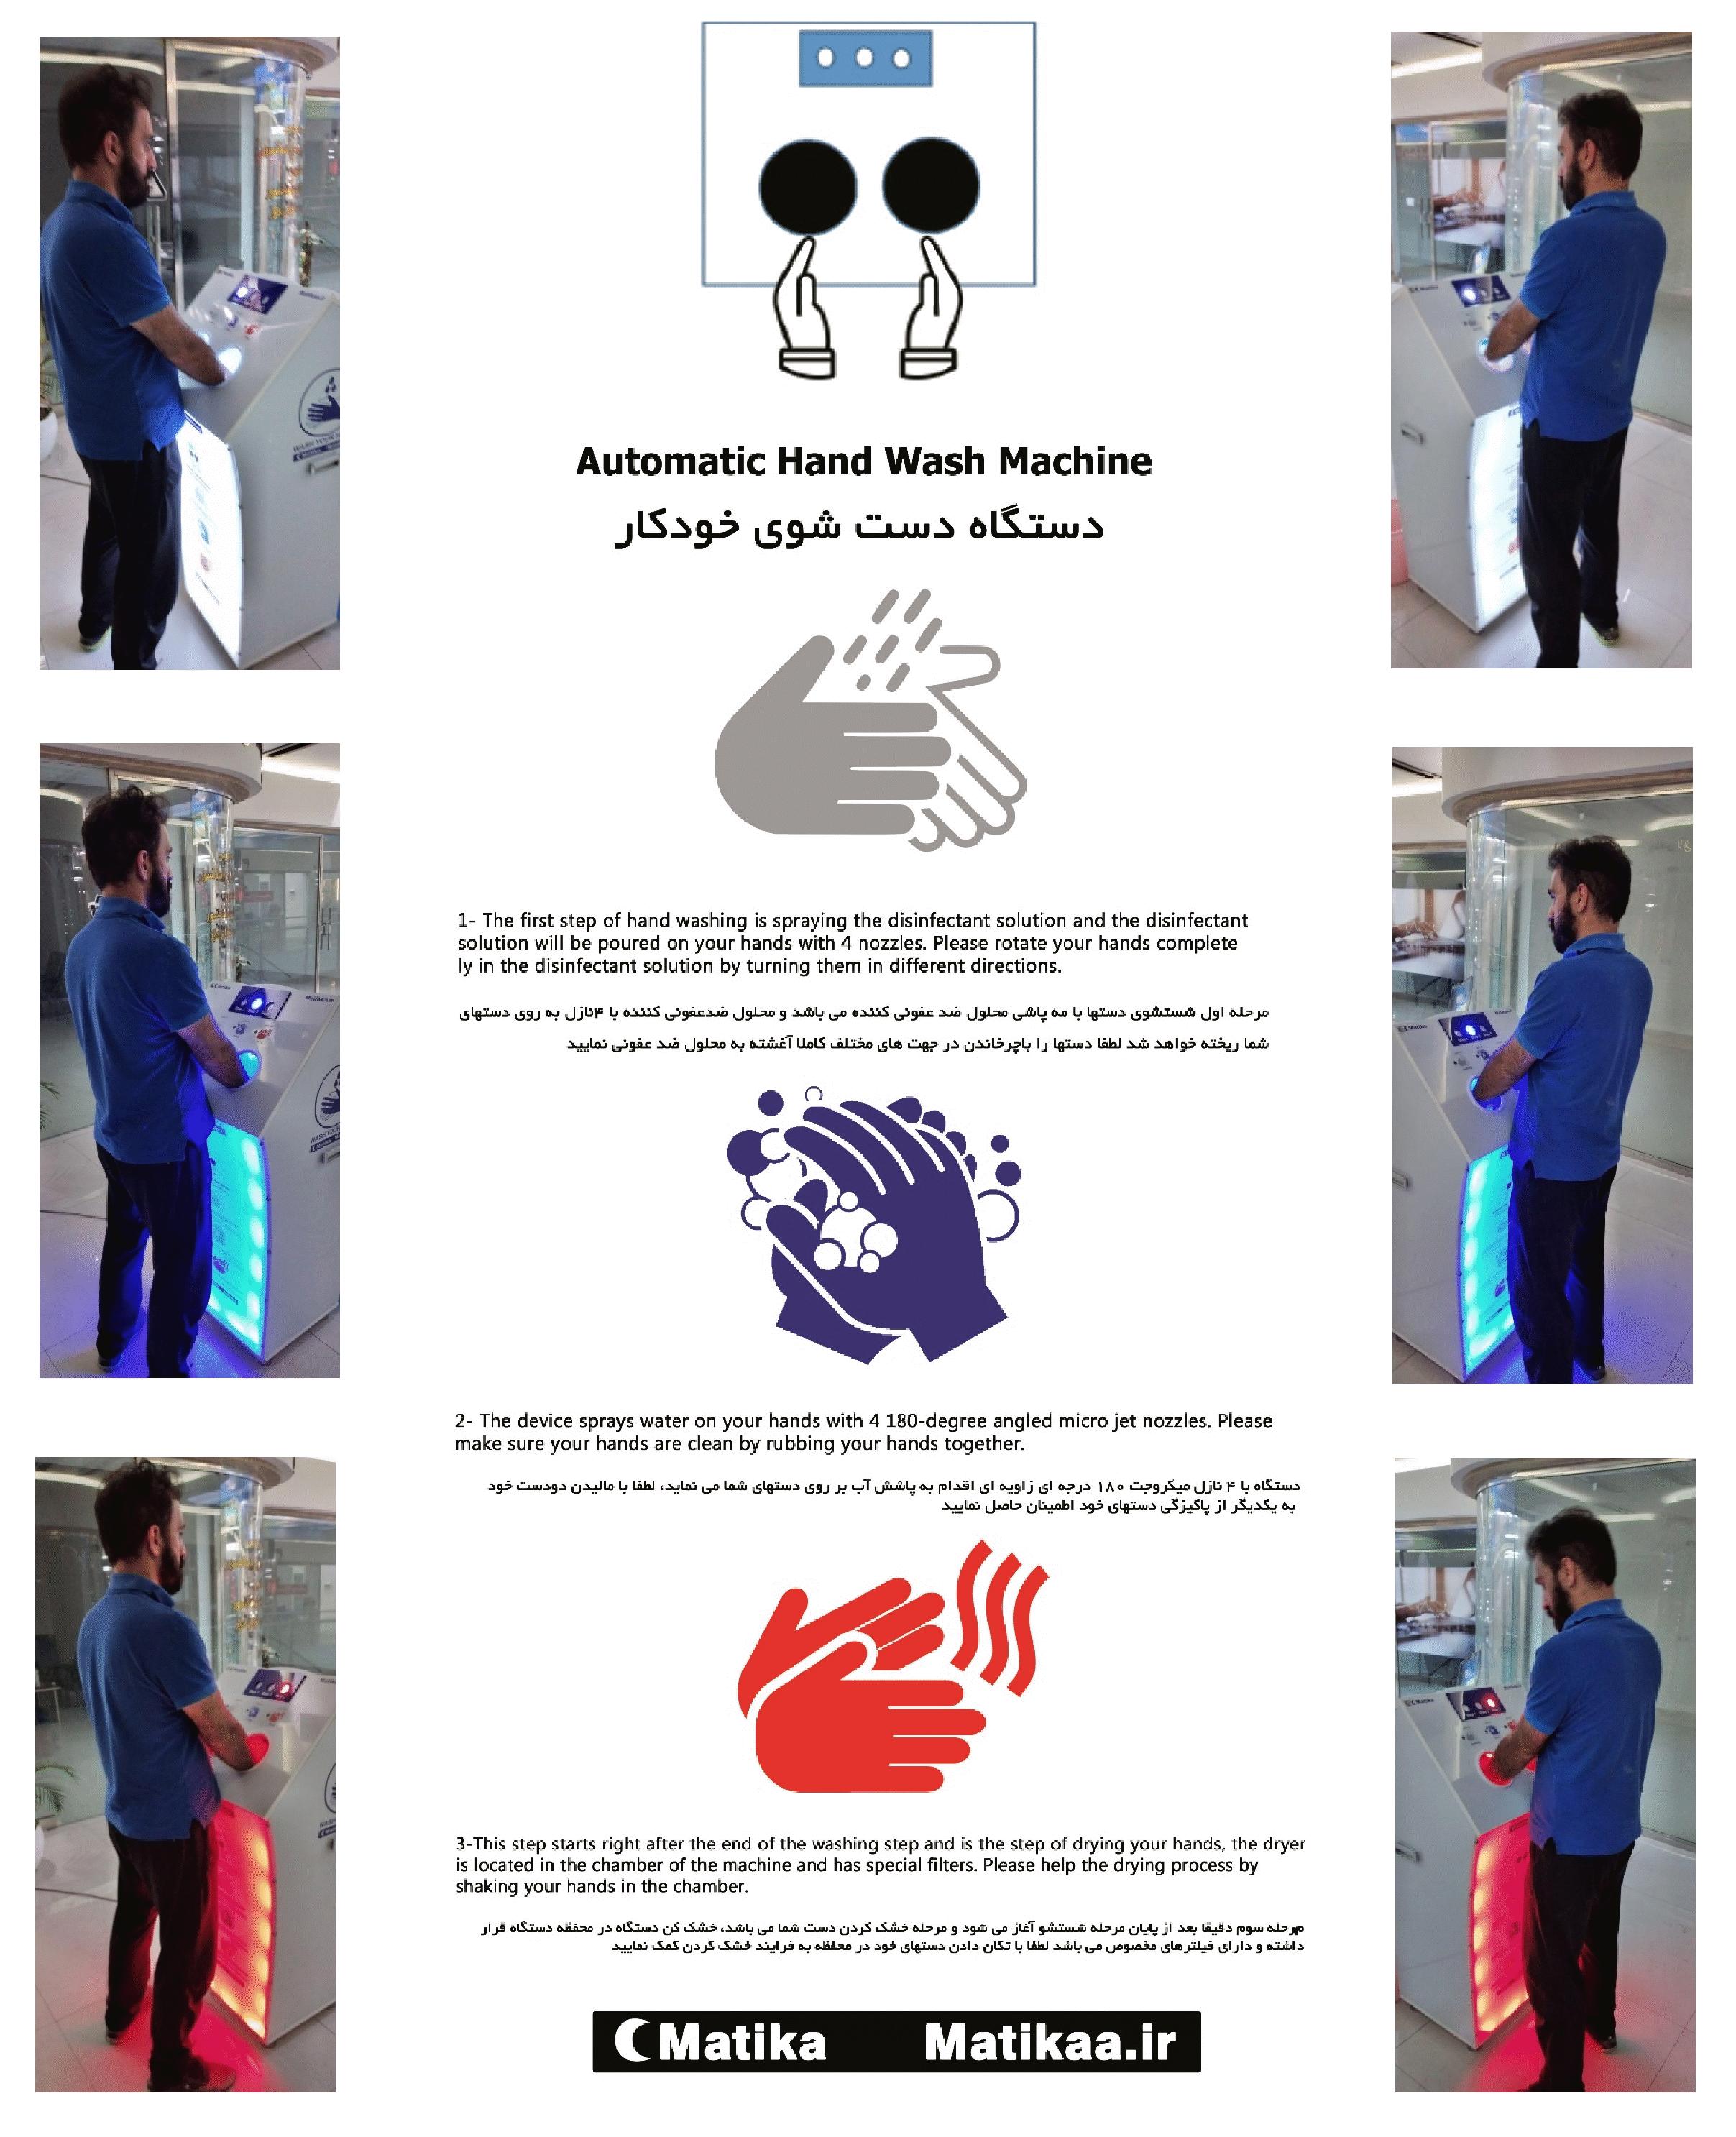 دست شوی – دست شوی اتومات – دست شوی خودکار – دستشوی اتومات - دستشوی اتوماتیک – دستشوی – شوینده دست – دستگاه شوینده دست – دستگاه دستشوی – دست شور- دستشور – دستشویی - آنتی کرونا – ضد کرونا – ضدعفونی دستها – شوینده های دست – تجهیزات بهداشتی – تجهیزات پزشکی – تجهیزات اتاق عمل – تجهیزات بیمارستان – تجهیزات بهداشتی – آنتی ویروس – تجهیزات آزمایشگاه – ضد ویروس – لامپ  uv – دستگاه ضدعفونی کننده – دستگاه uv – ضد عفونی دستها – محلول ضد عفونی – دستگاه آنتی باکتری – شستشوی اتوماتیک دست – دستگاه دست شوی – دستگاه ضد عفونی کننده دست –